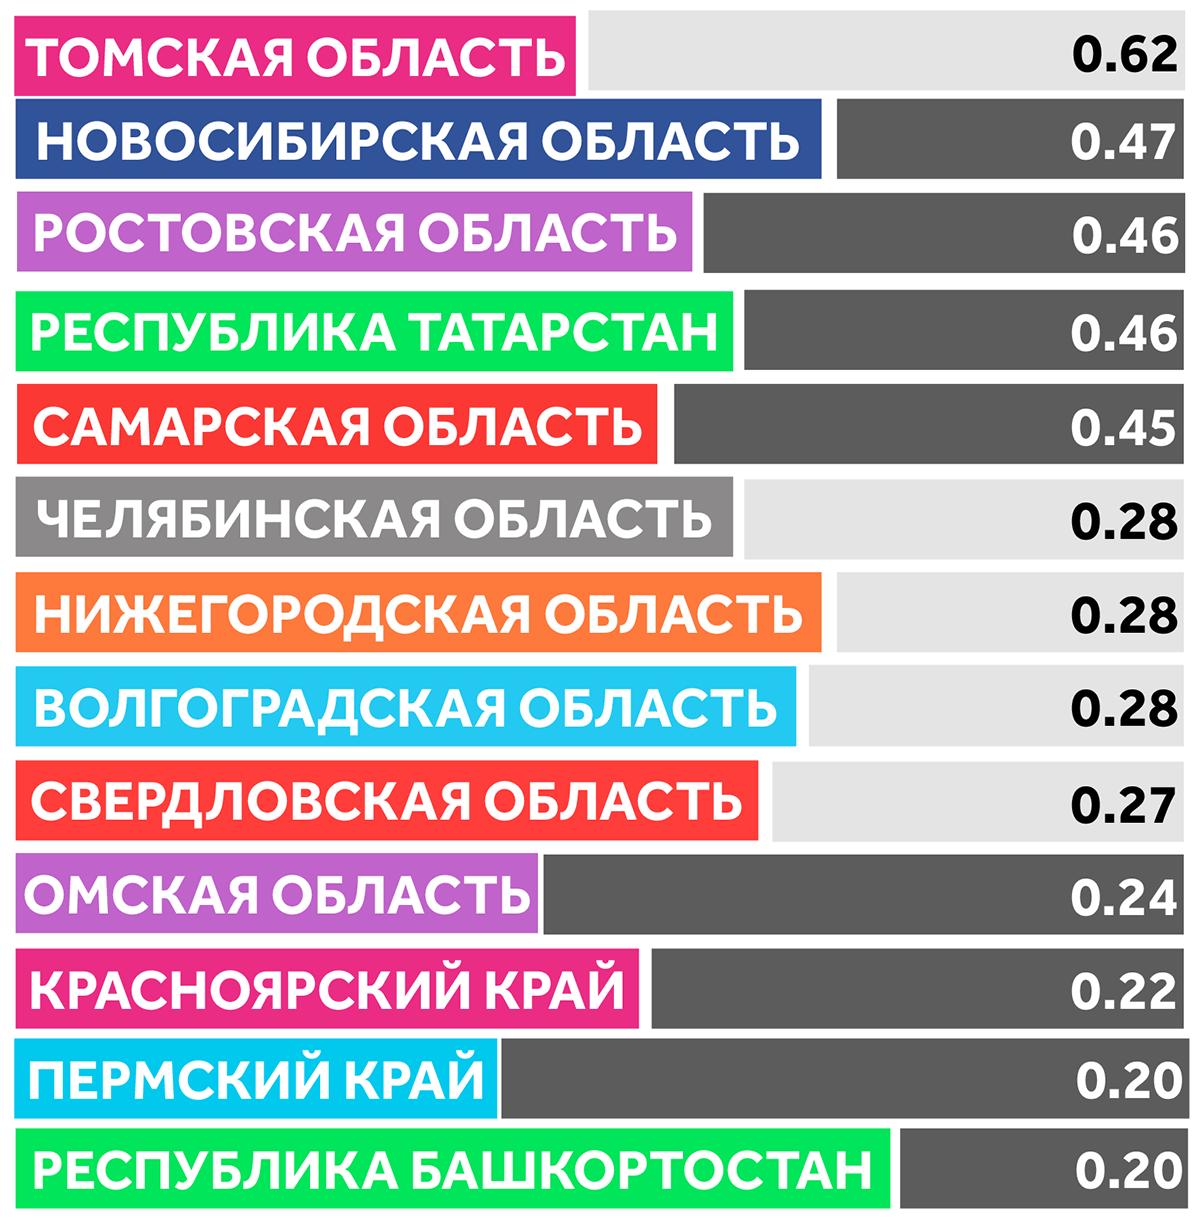 рейтинг креативности россйиских регионов